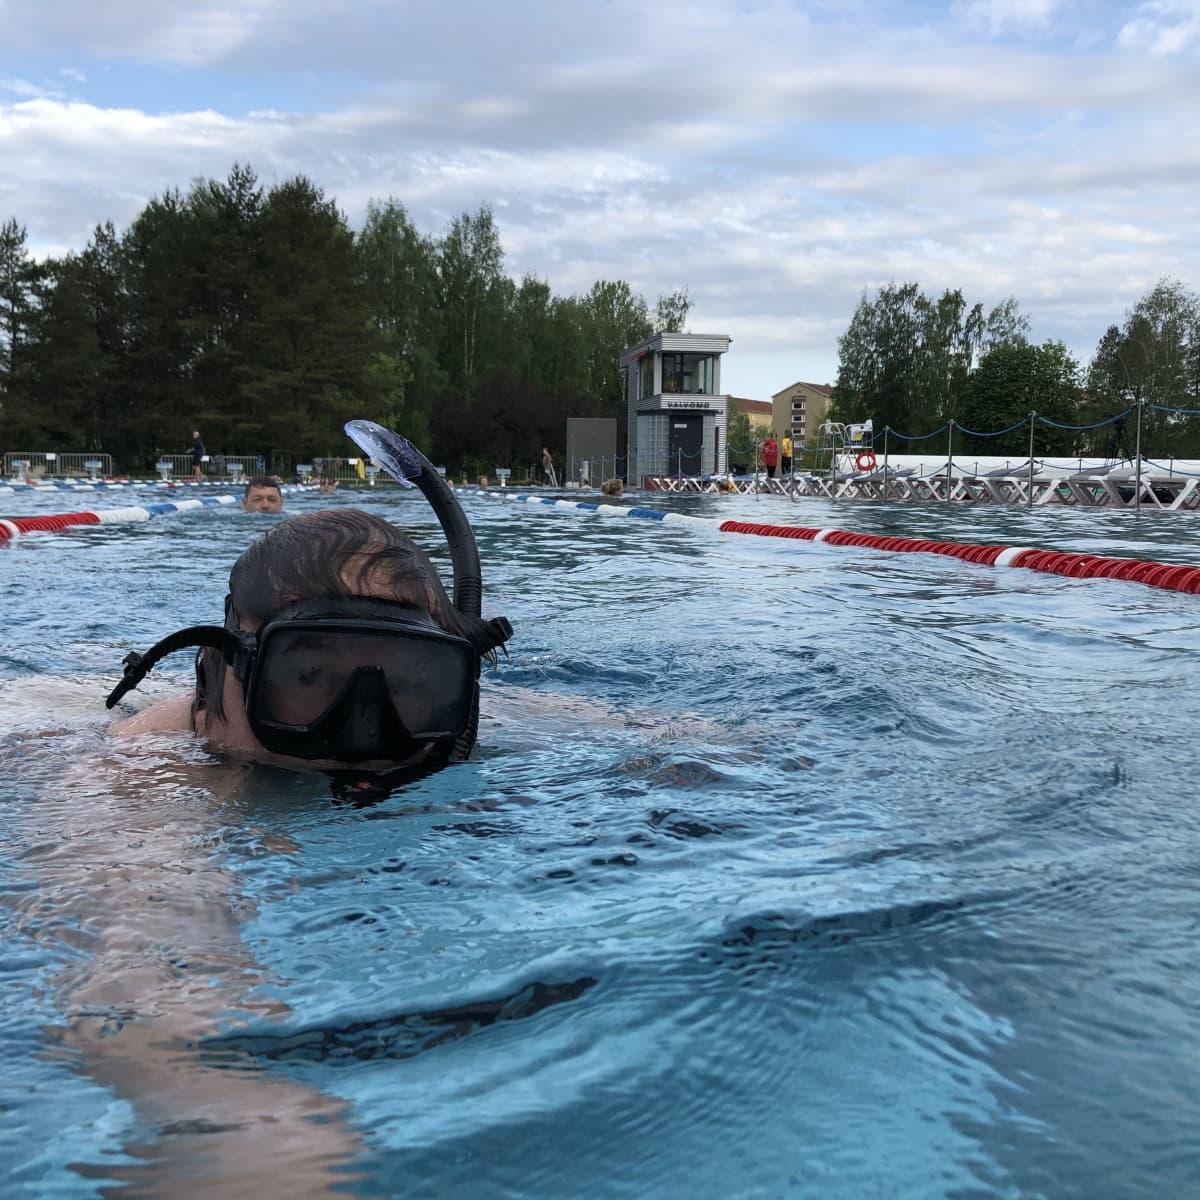 Mies snorklaa uima-altaassa.